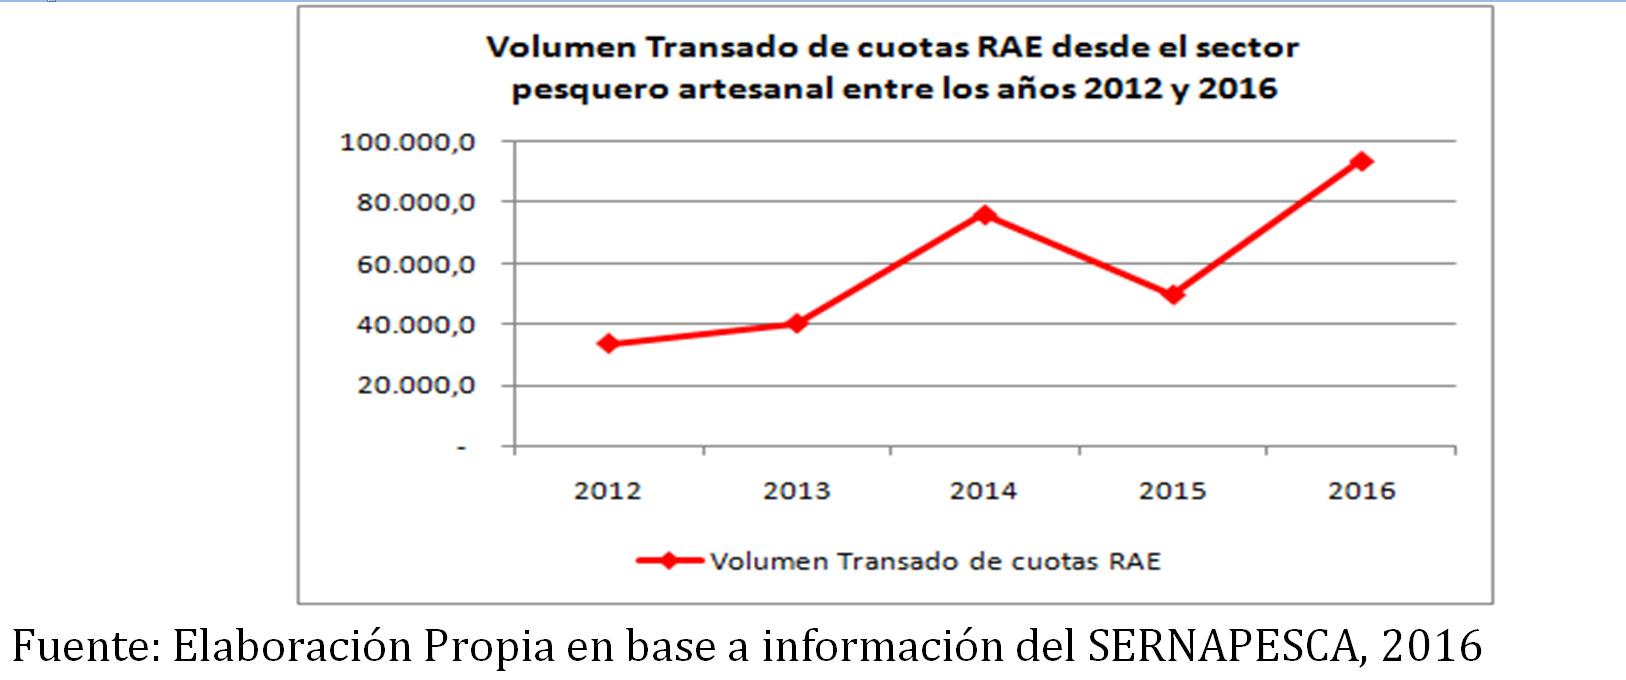 volumen-cuotas-rae-bacalao-2012-2016